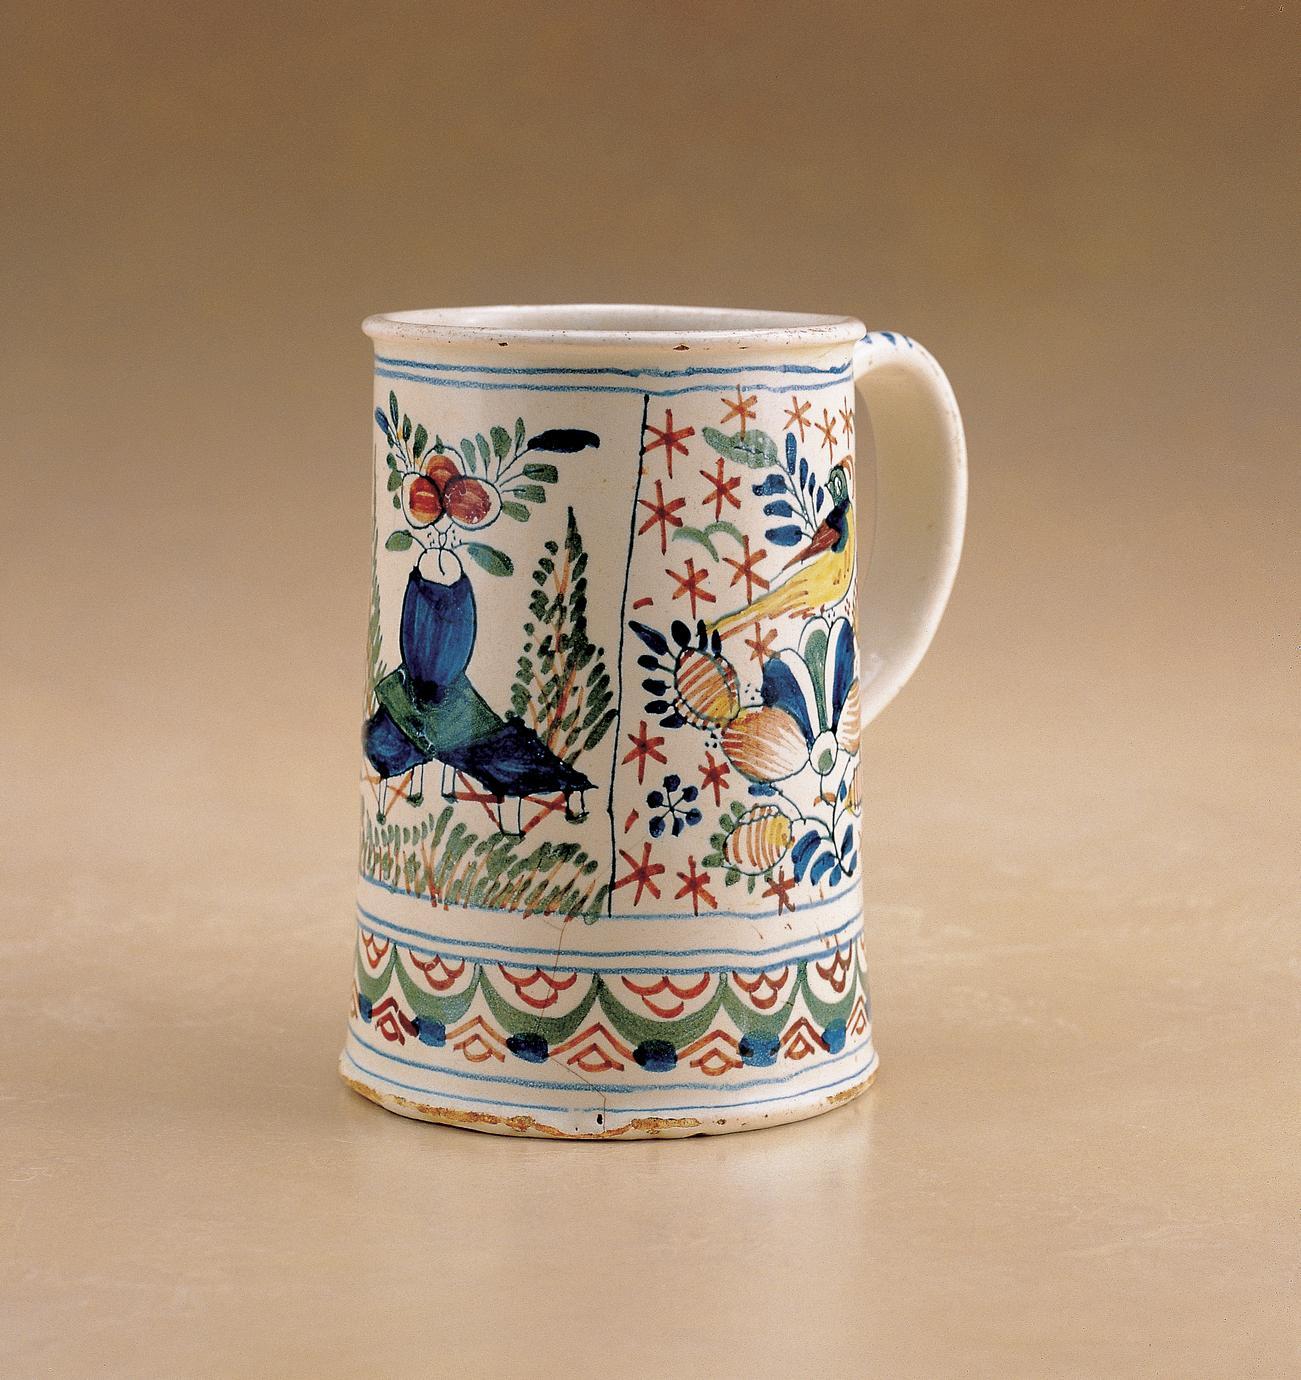 Mug (1 of 2)